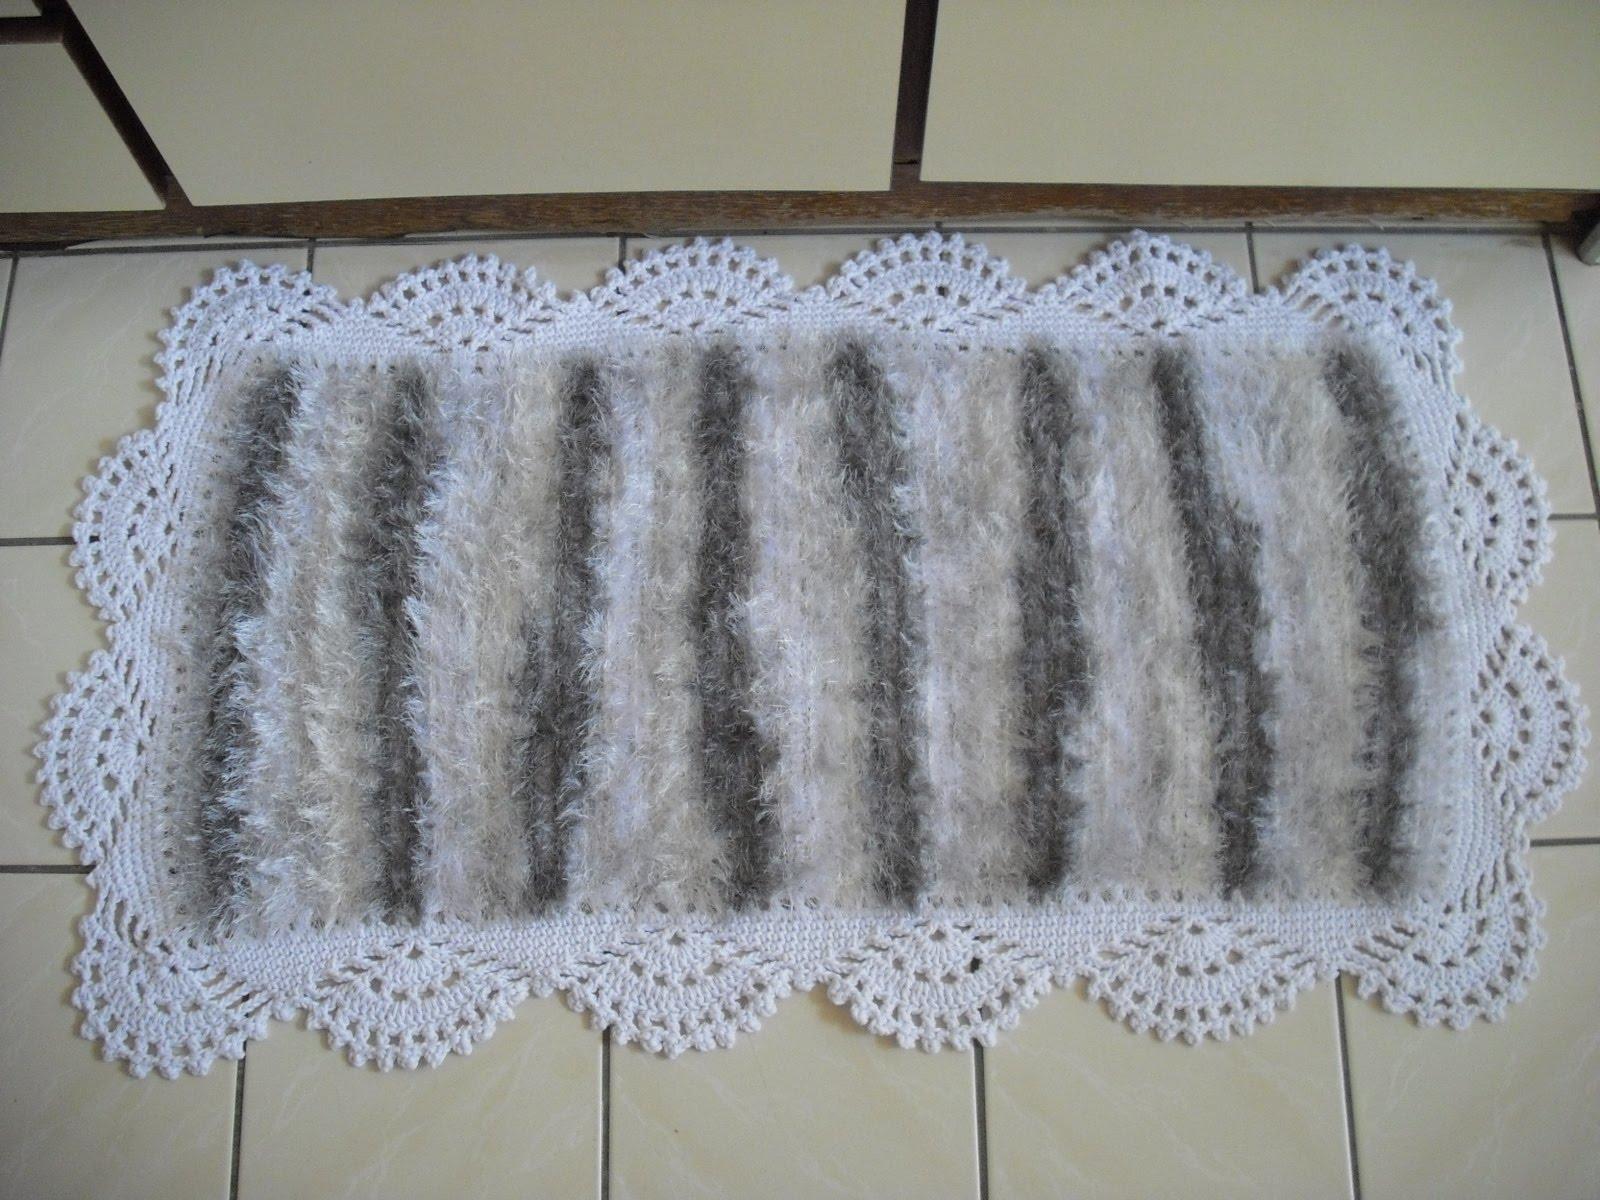 com certeza darão um ar totalmente clean ao seu banheiro. Um luxo #525F79 1600x1200 Banheiro Branco Com Cinza